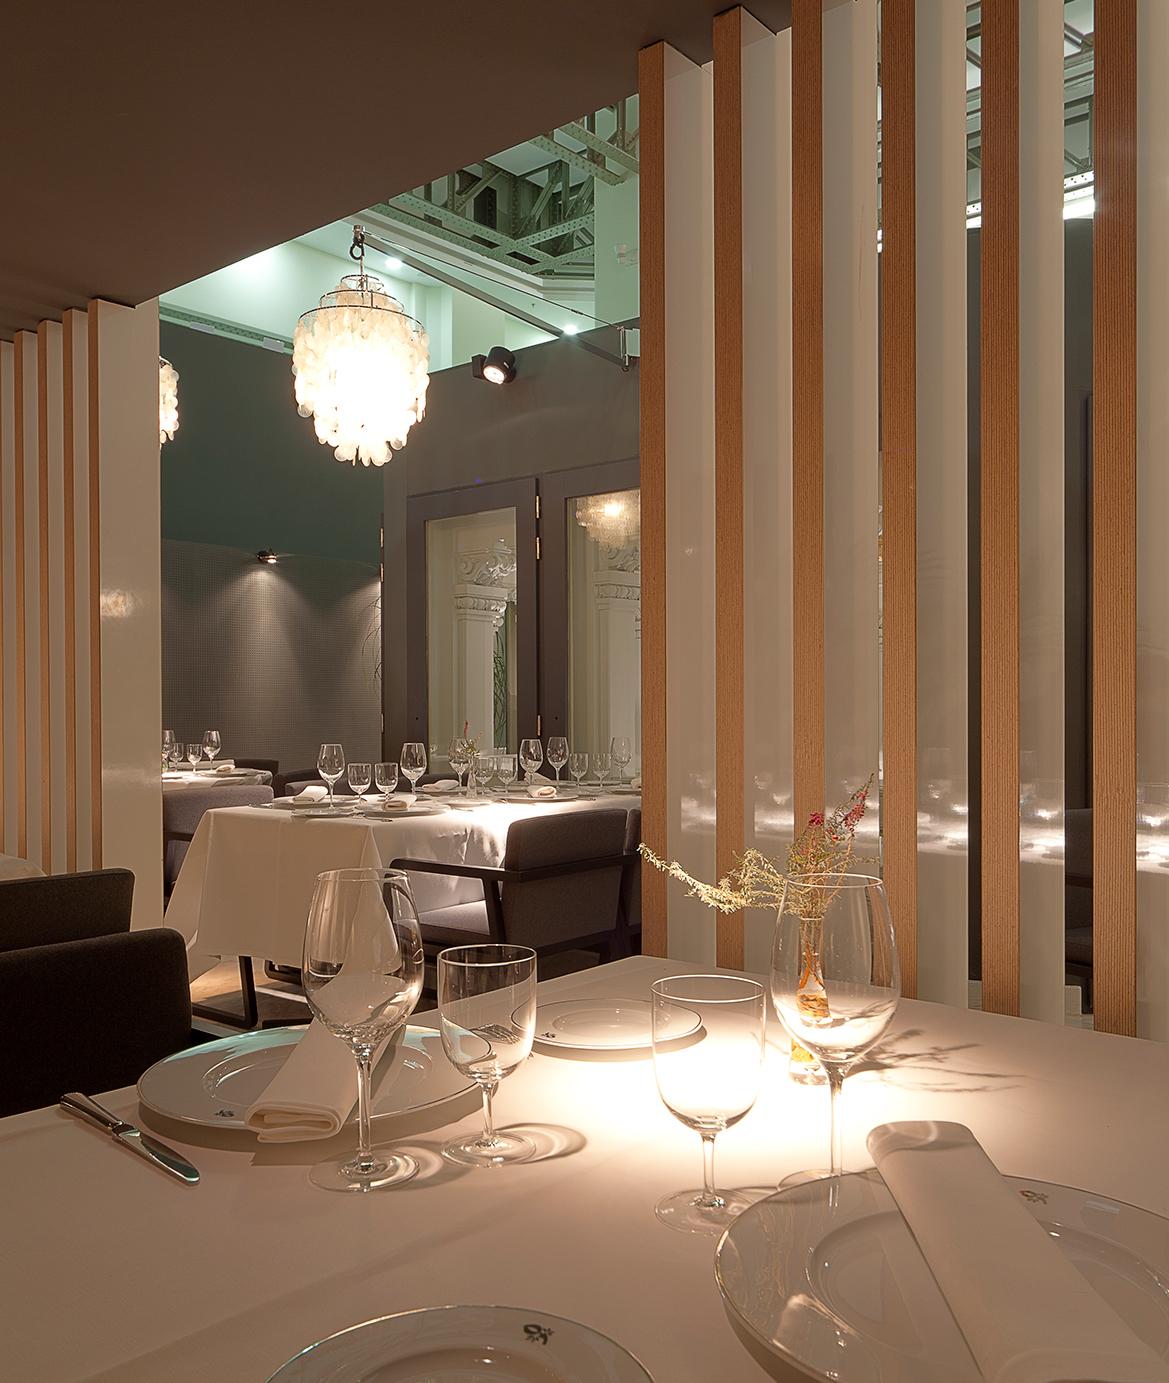 Restaurante Palacio Cibeles On Behance